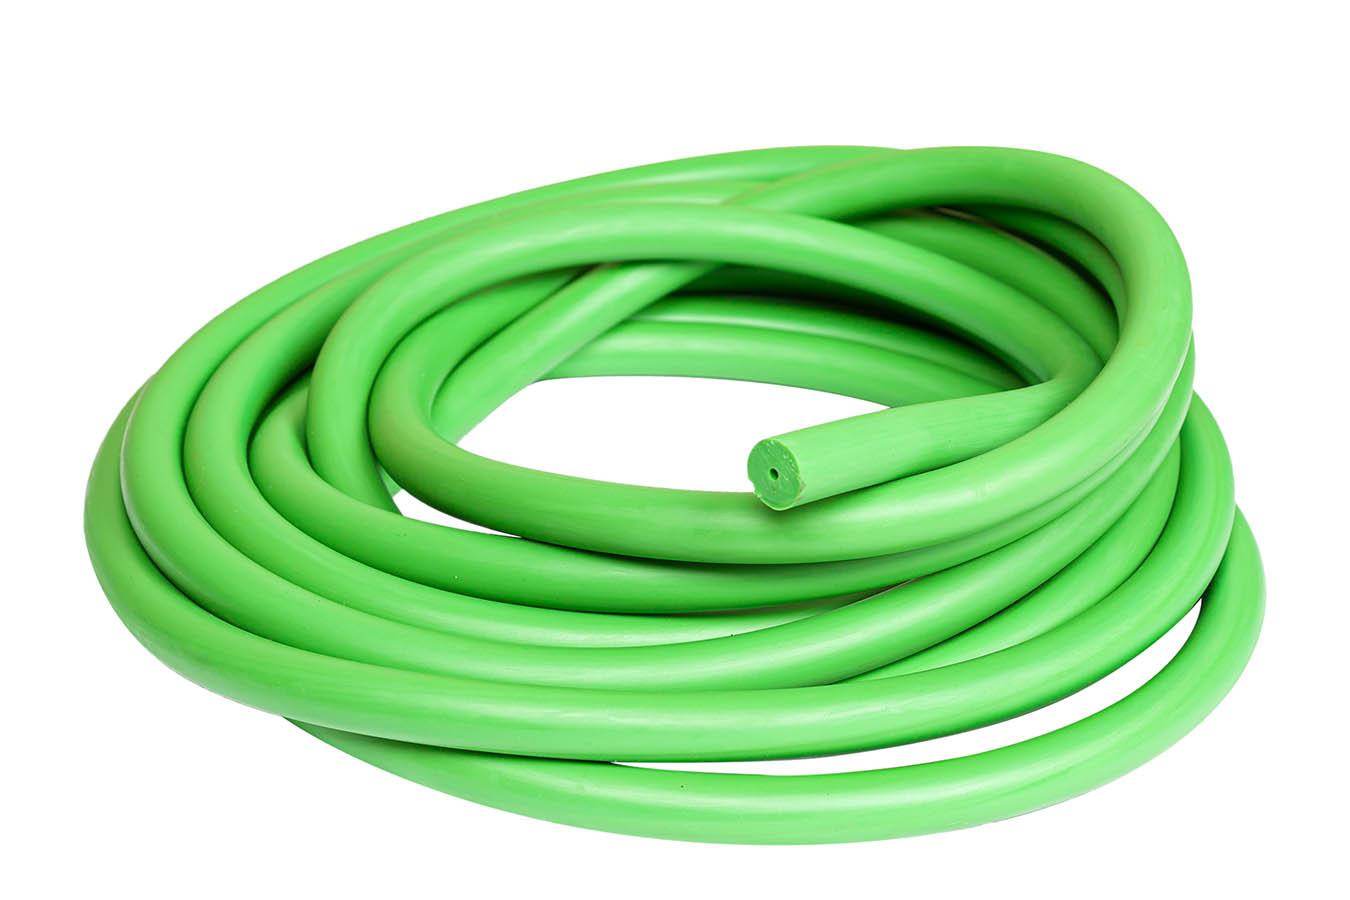 Тяж Salvimar S400 d14мм латексный (цена за 1см) зеленый,  - купить со скидкой